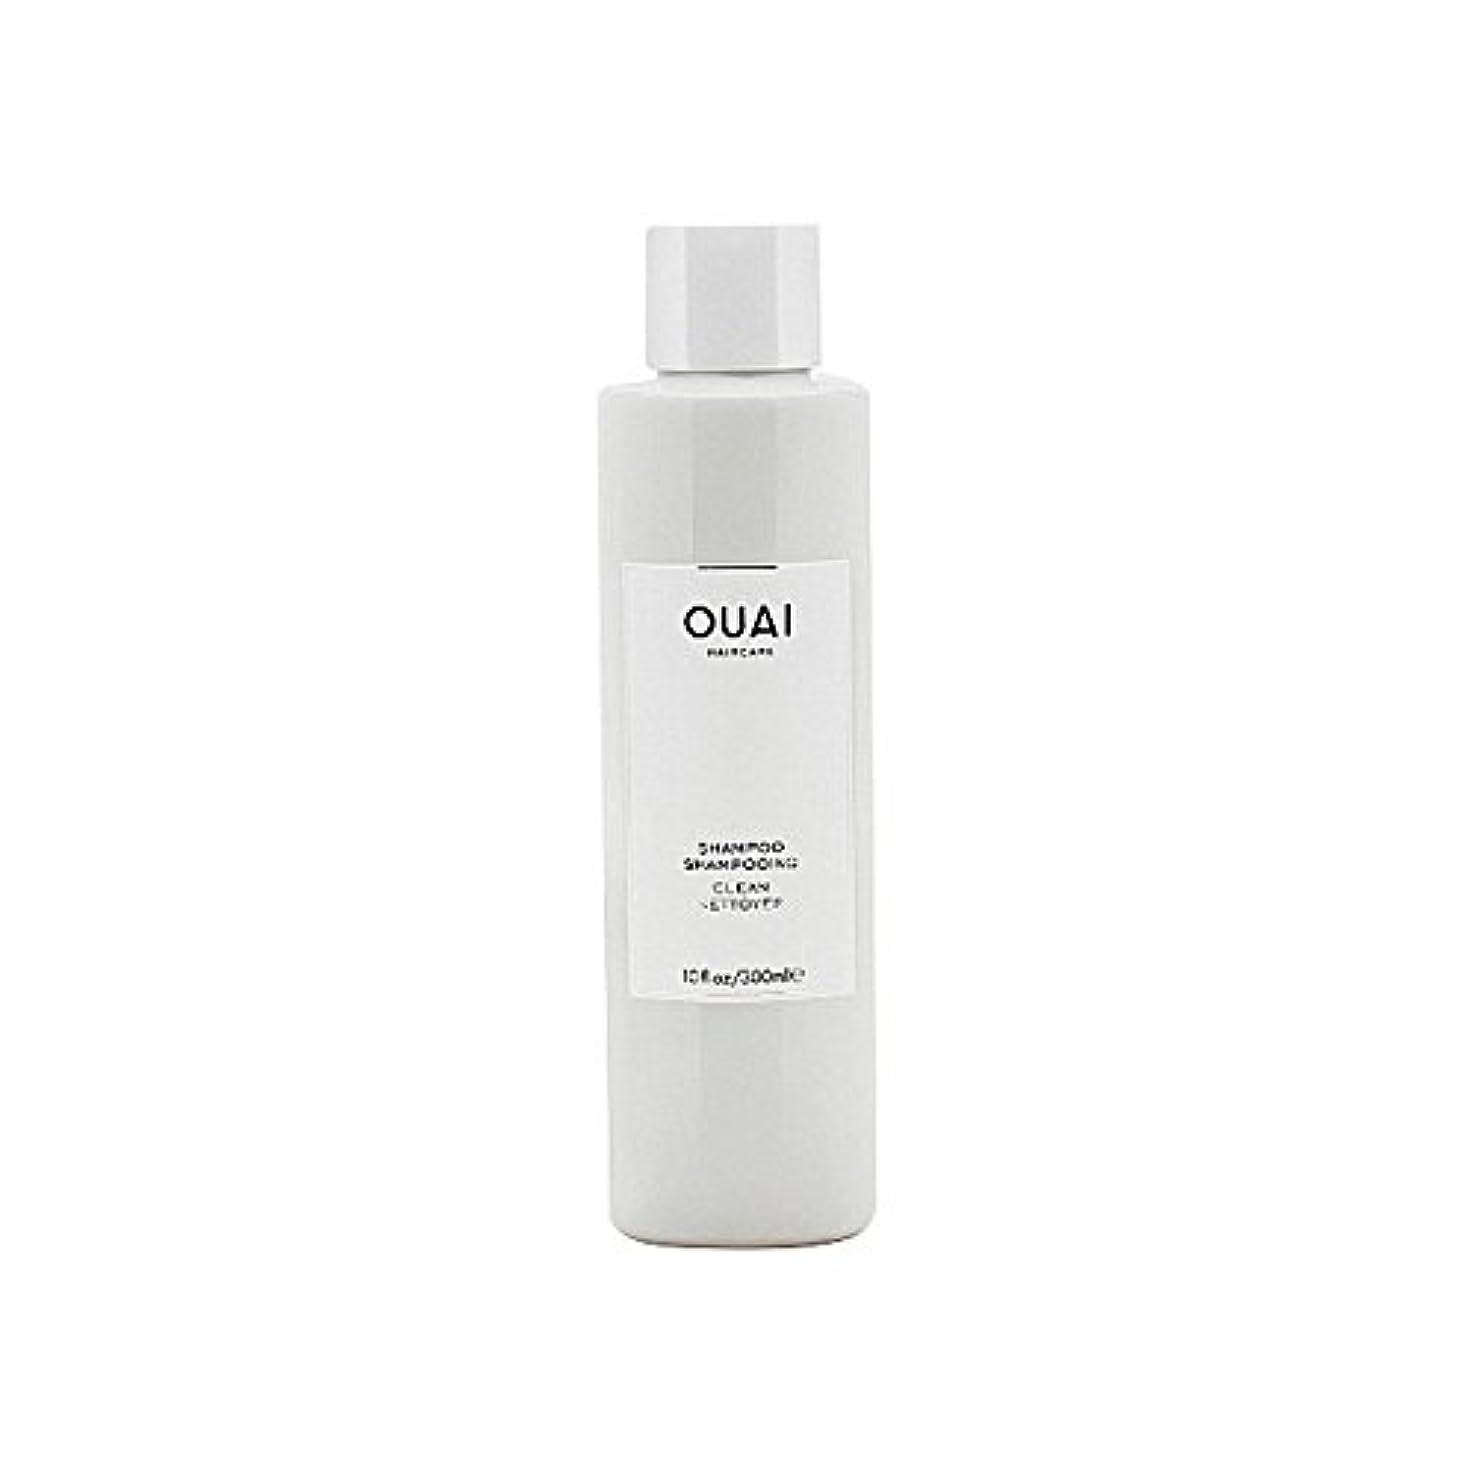 報復するパラナ川ガムクリーンシャンプー300ミリリットル x4 - Ouai Clean Shampoo 300ml (Pack of 4) [並行輸入品]